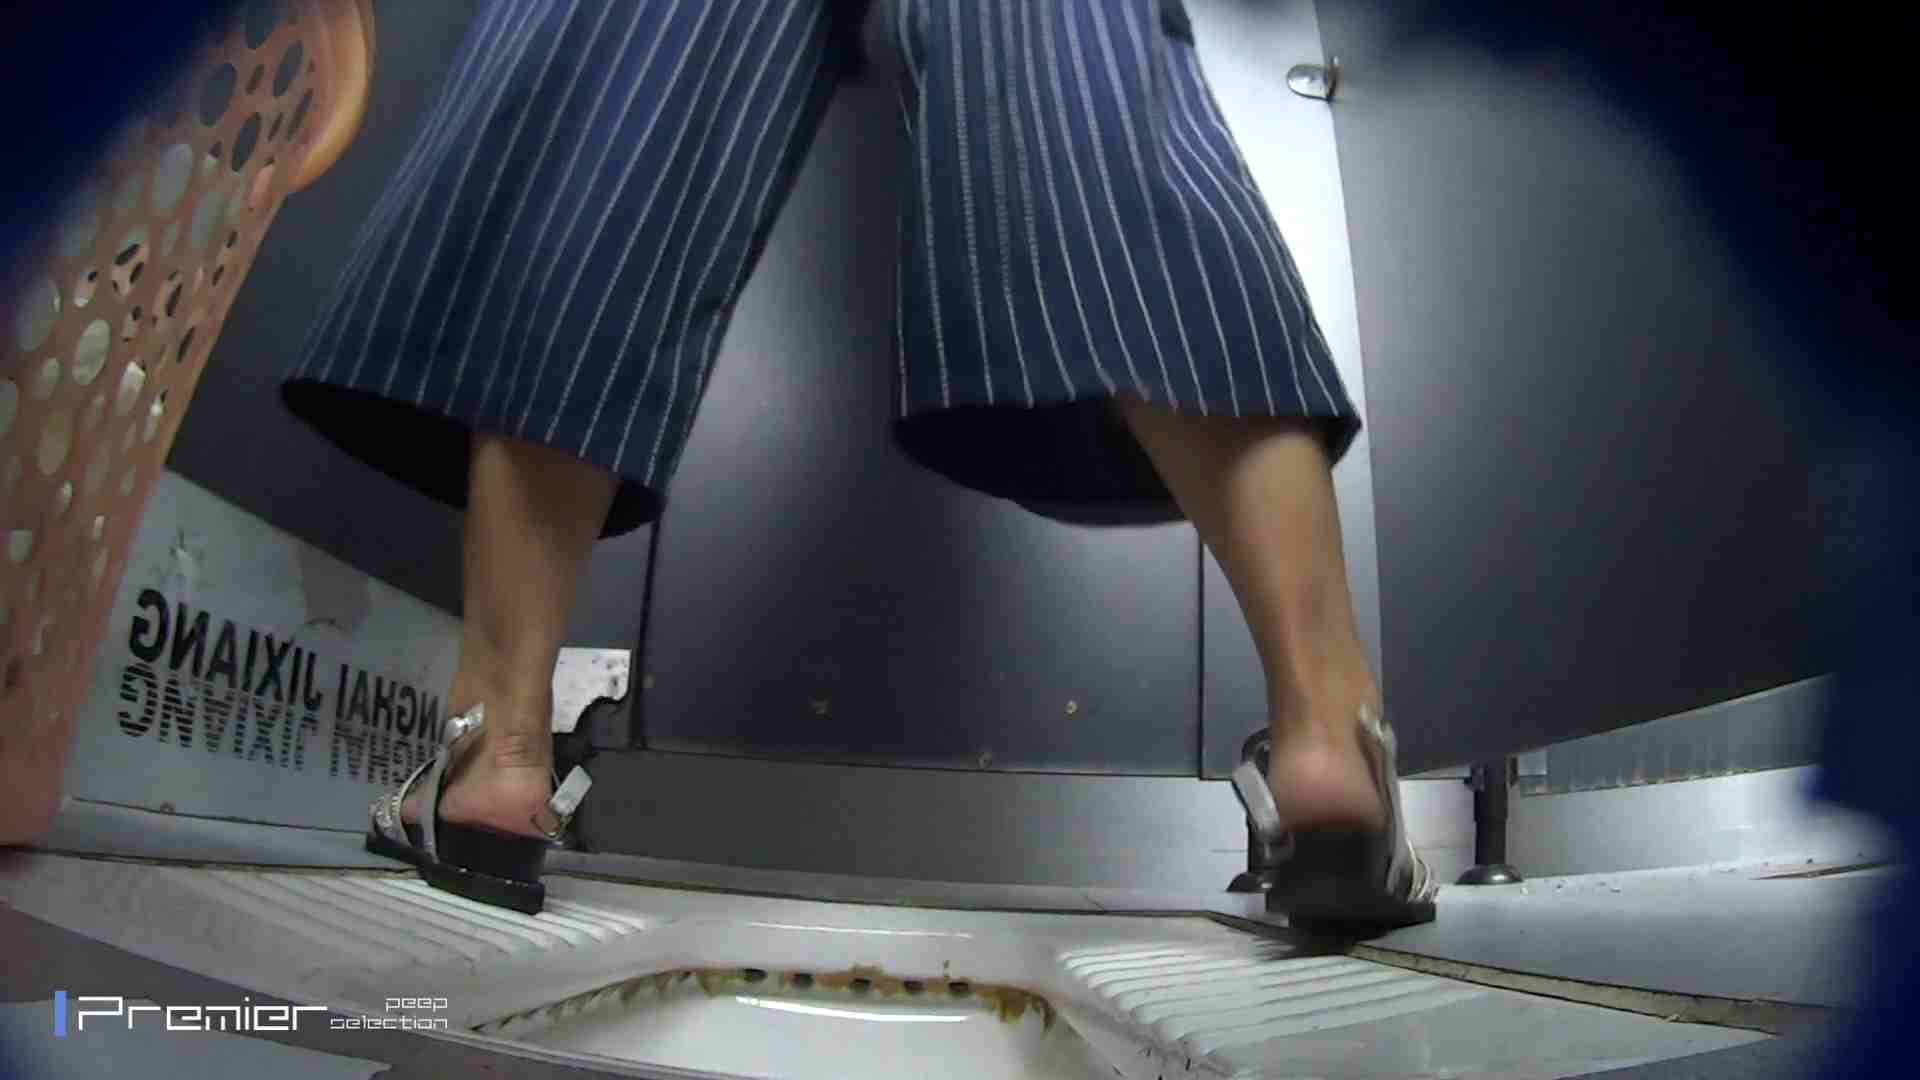 びゅーっと!オシッコ放出 大学休憩時間の洗面所事情47 美肌 オマンコ動画キャプチャ 104画像 37